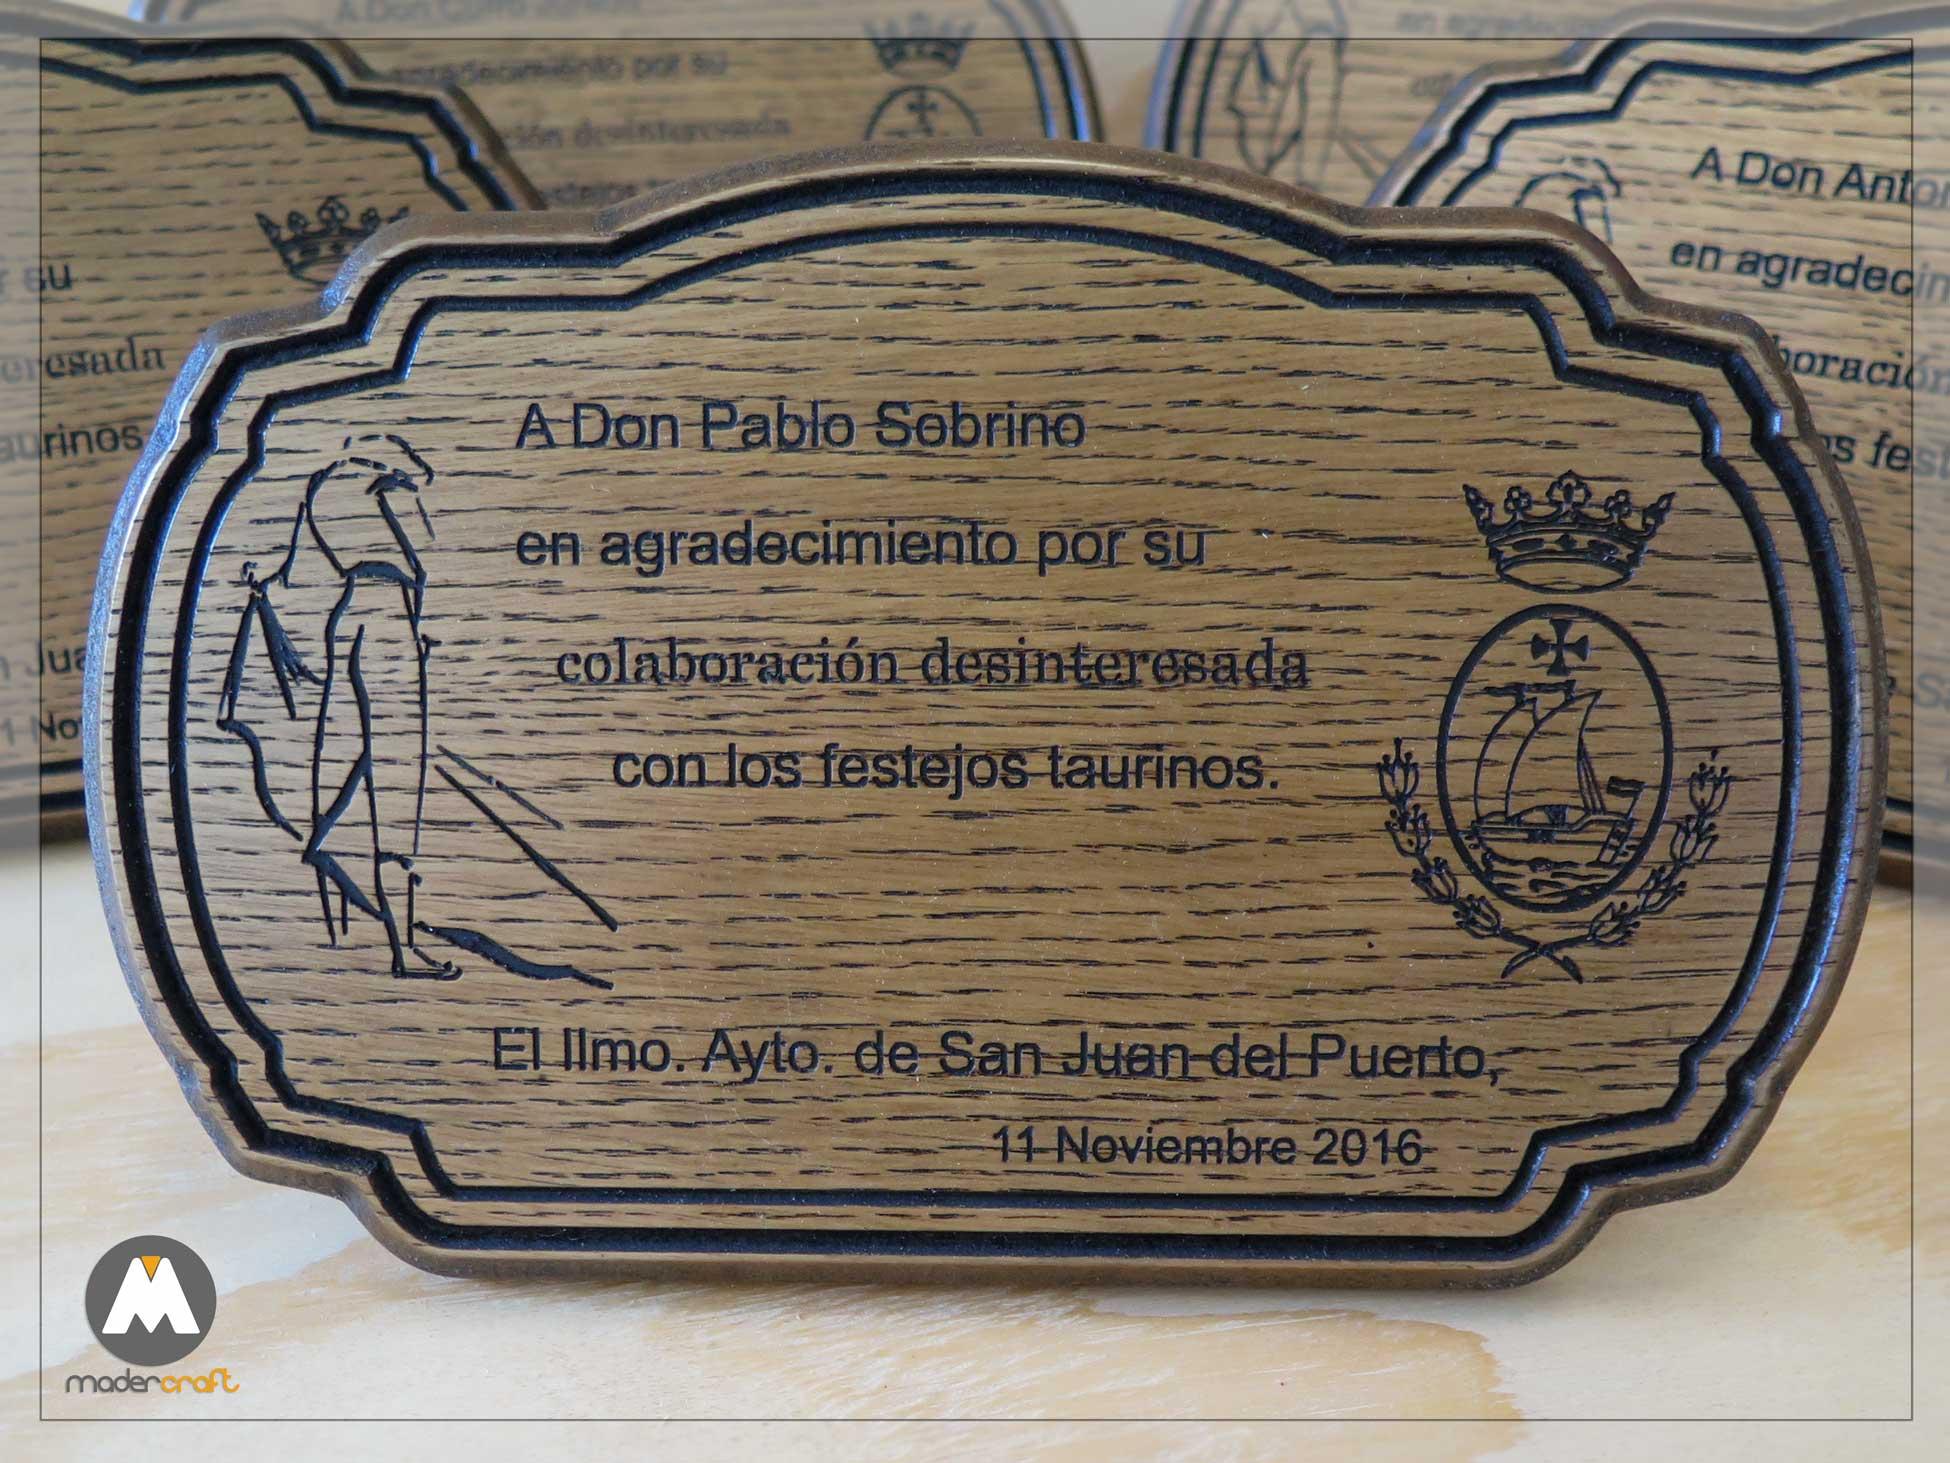 Placa Madera Taurina, DM rechapado en roble. Ayuntamiento San Juan del Puerto Huelva, torero, escudo carabela corona, agradecimiento, homenaje.